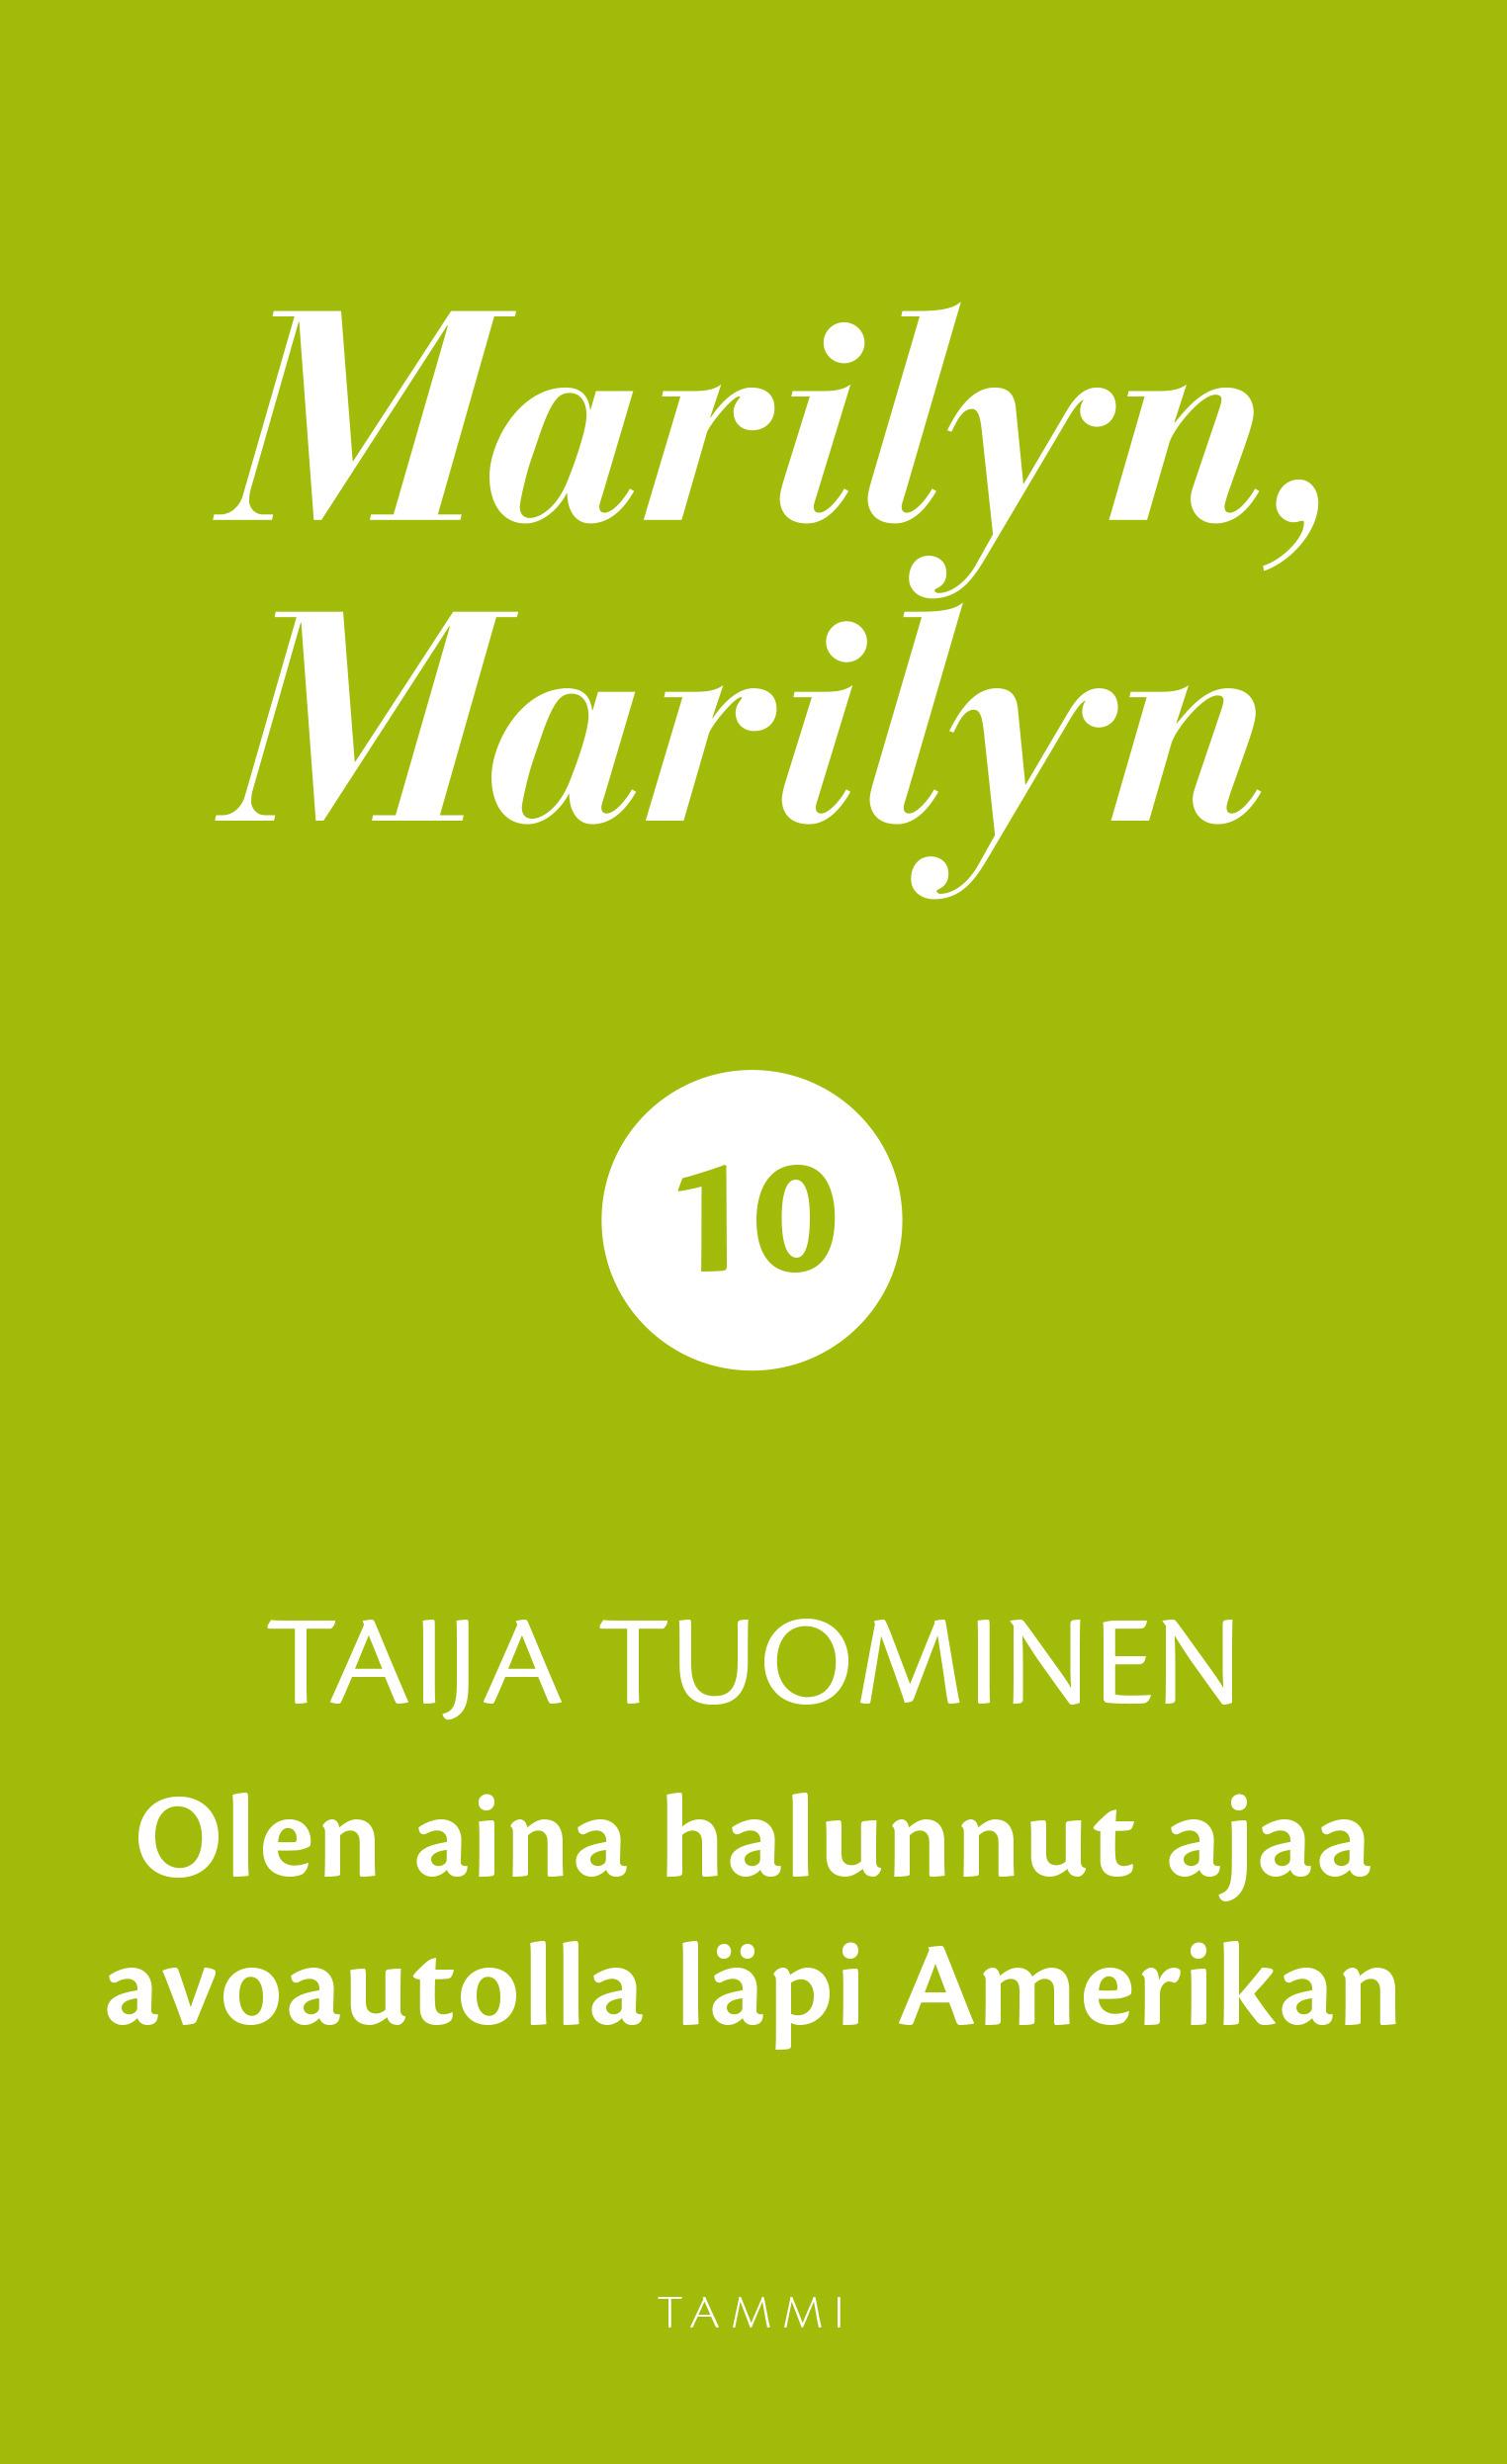 Tuominen, Taija - Marilyn, Marilyn 10: Olen aina halunnut ajaa avoautolla läpi Amerikan, e-kirja